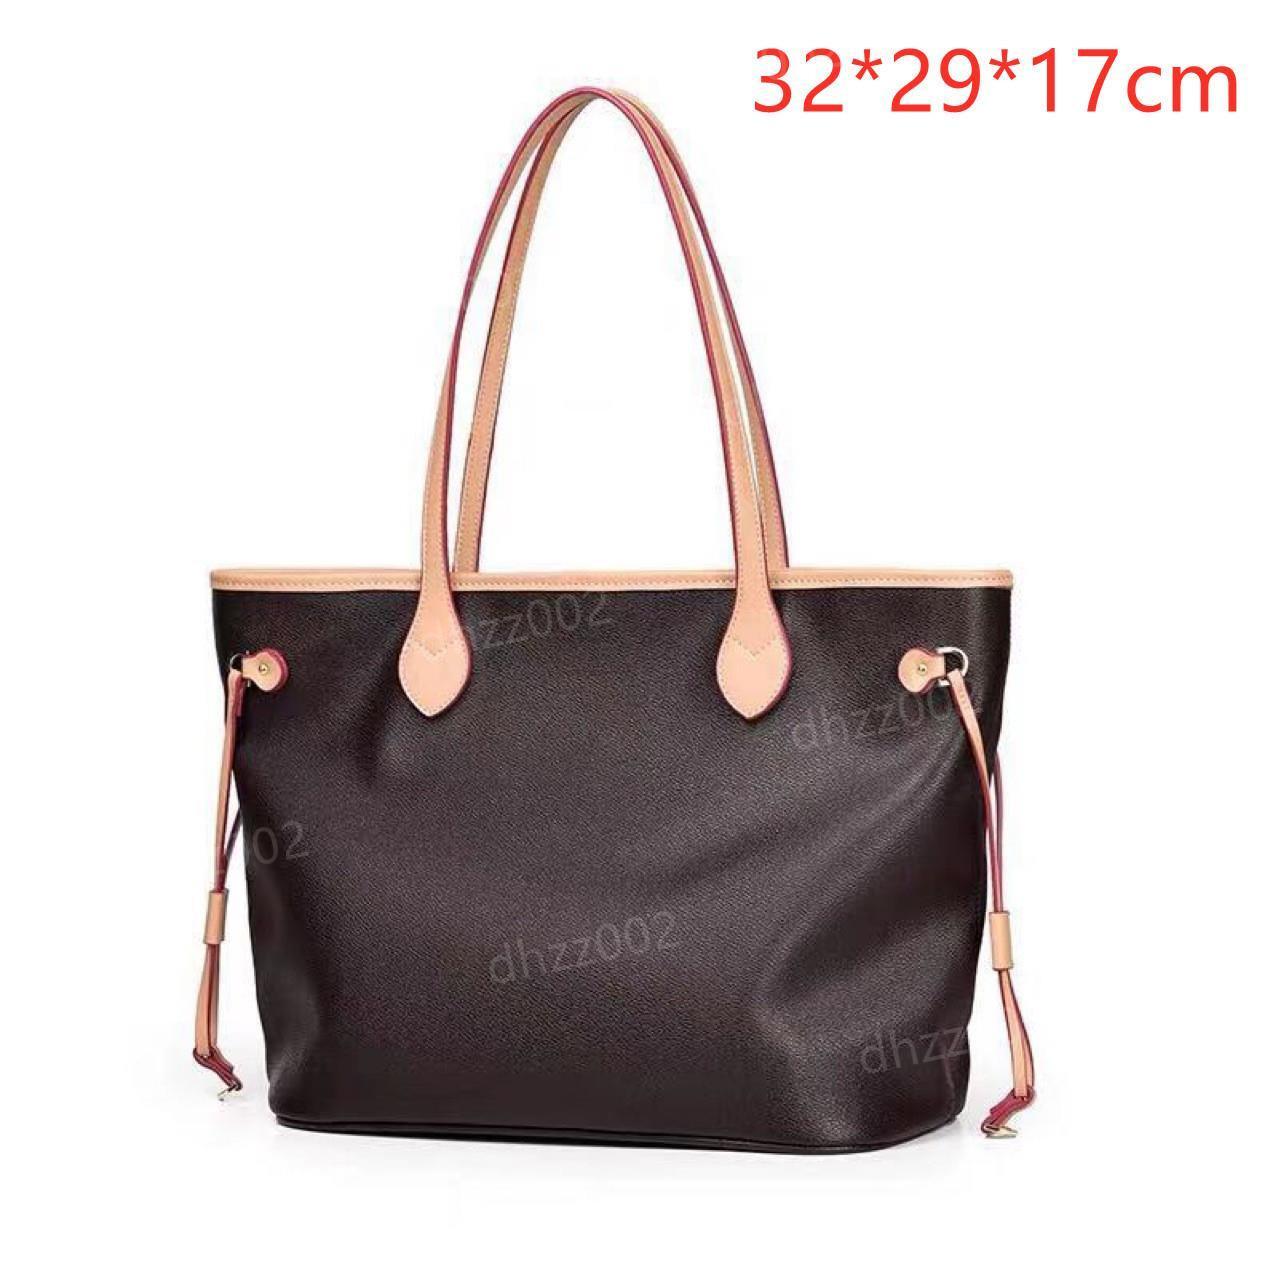 Bolsa bolsas de lona High Qulity Clássico Womens Handbags Flower Flower Composite Bolsas De Couro Bolsas De Couro Bolsas Wersd